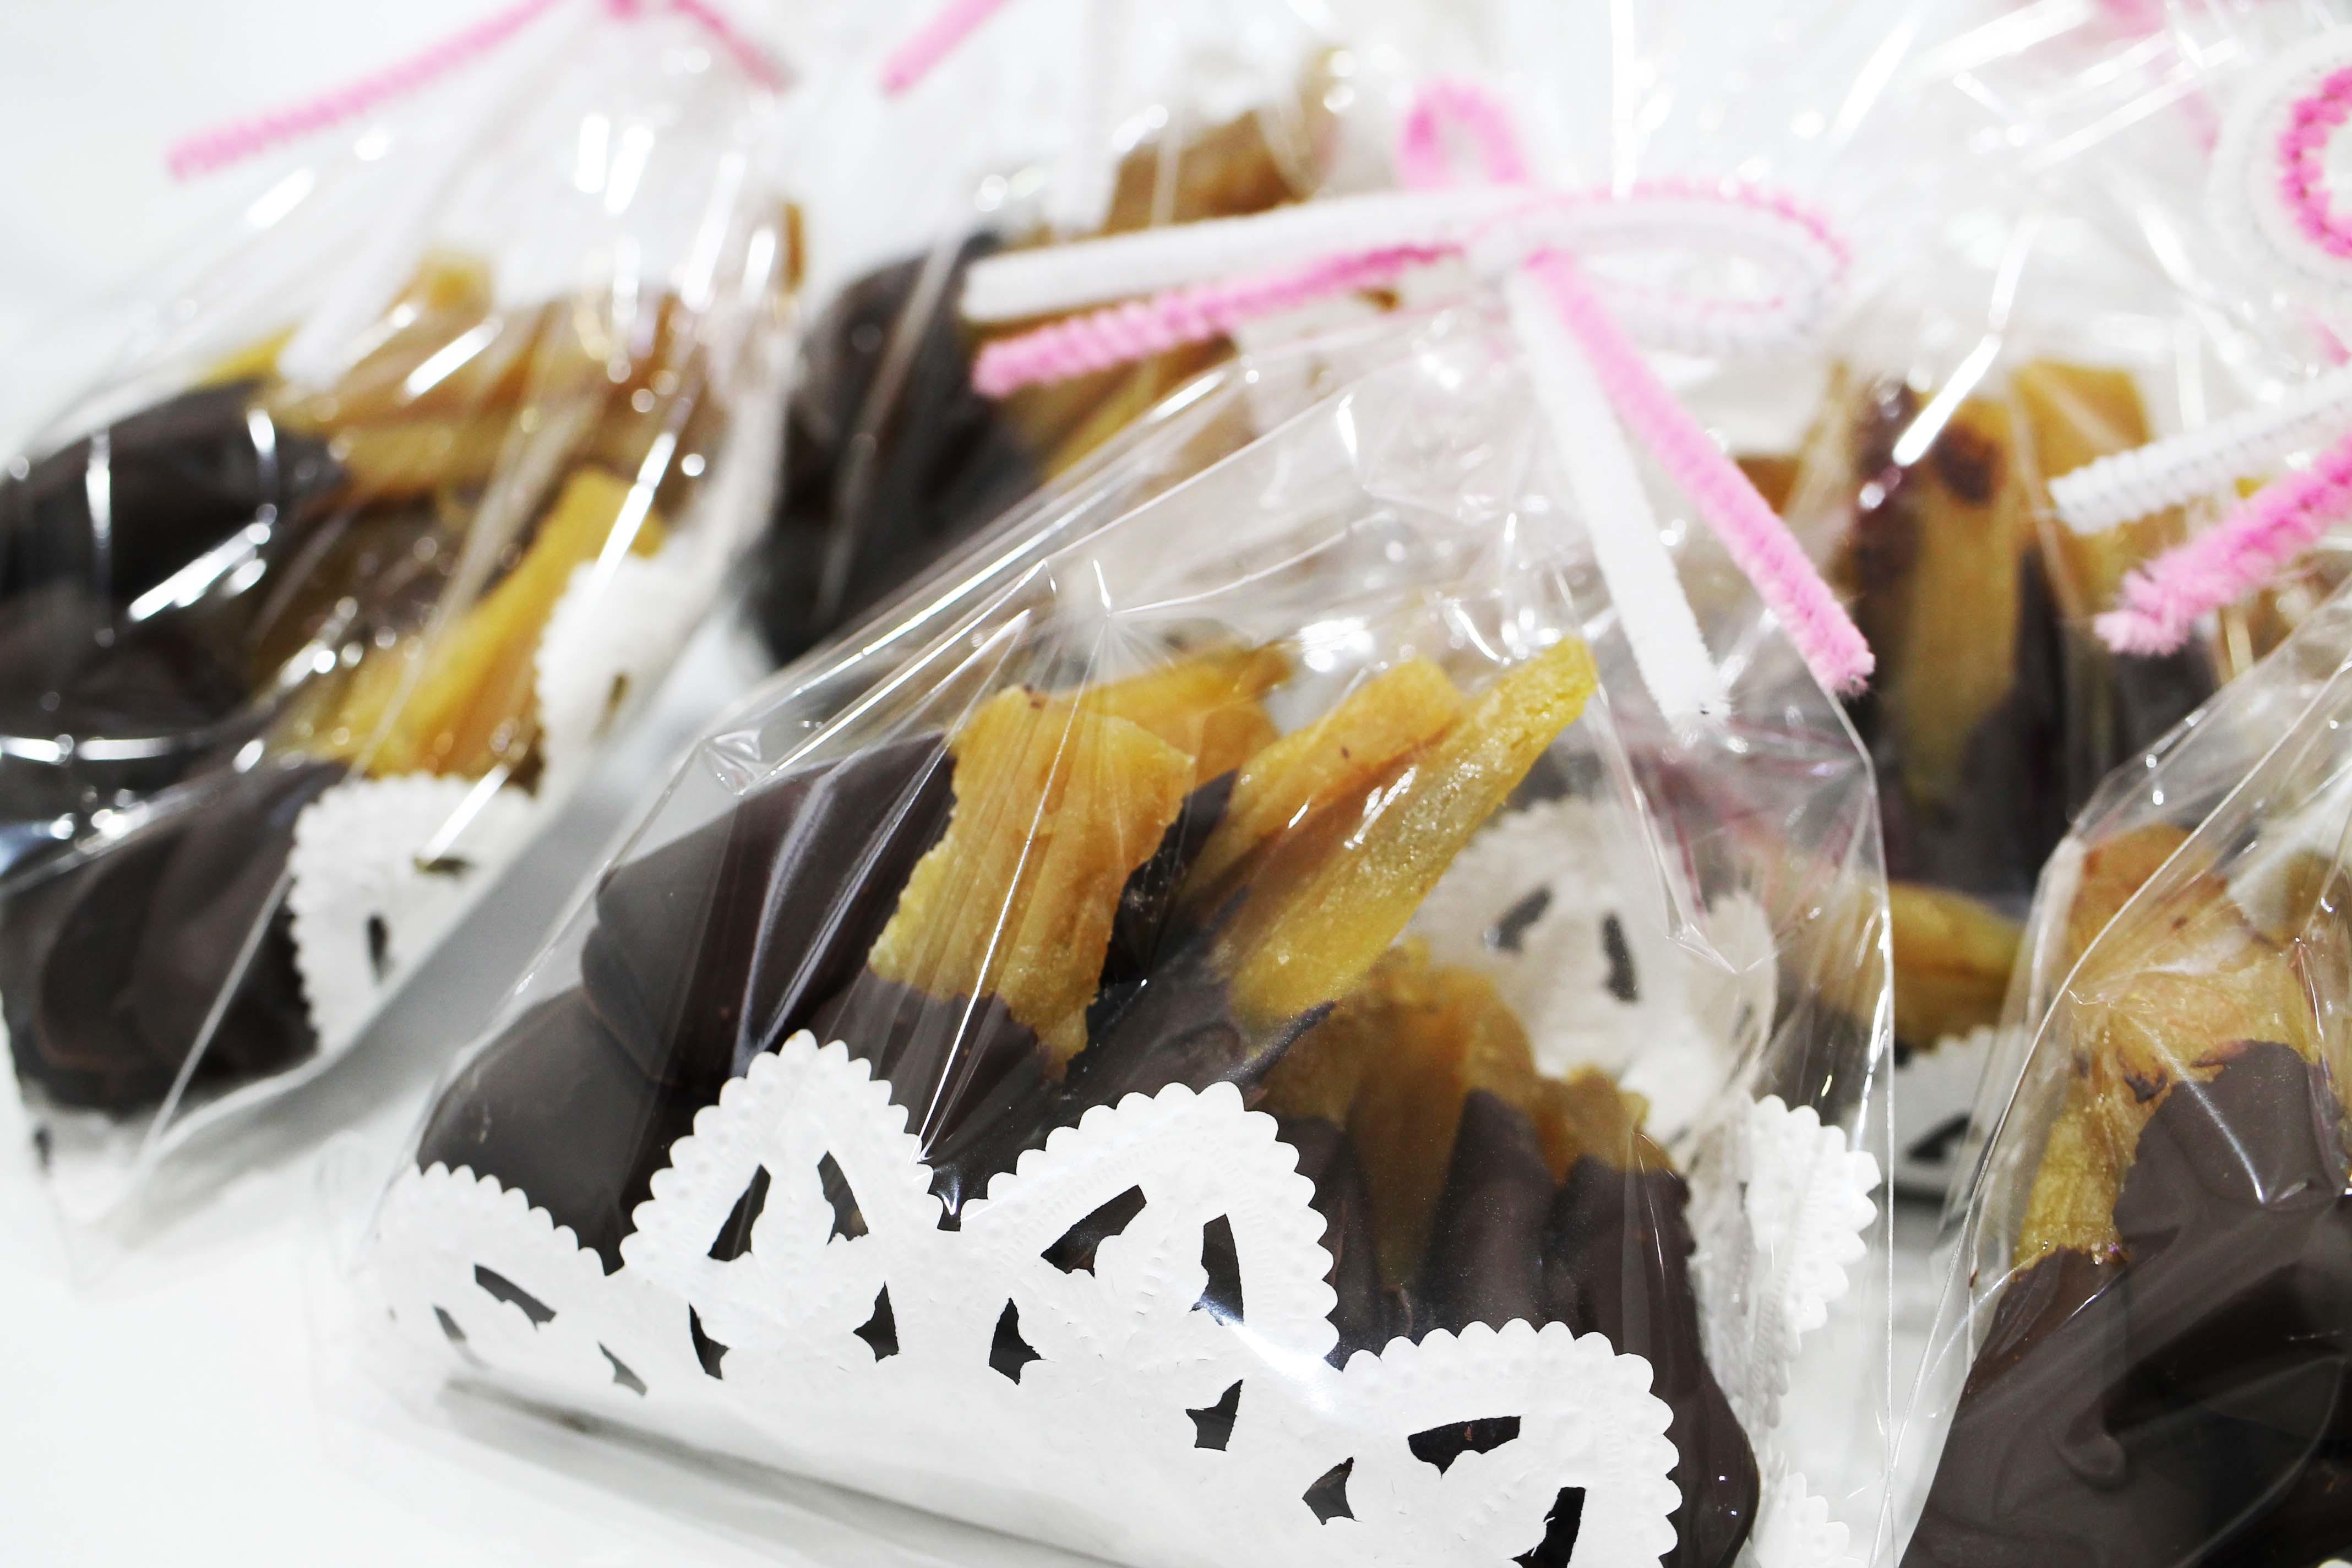 干し芋のチョコレートがけ_d0377645_16380786.jpg